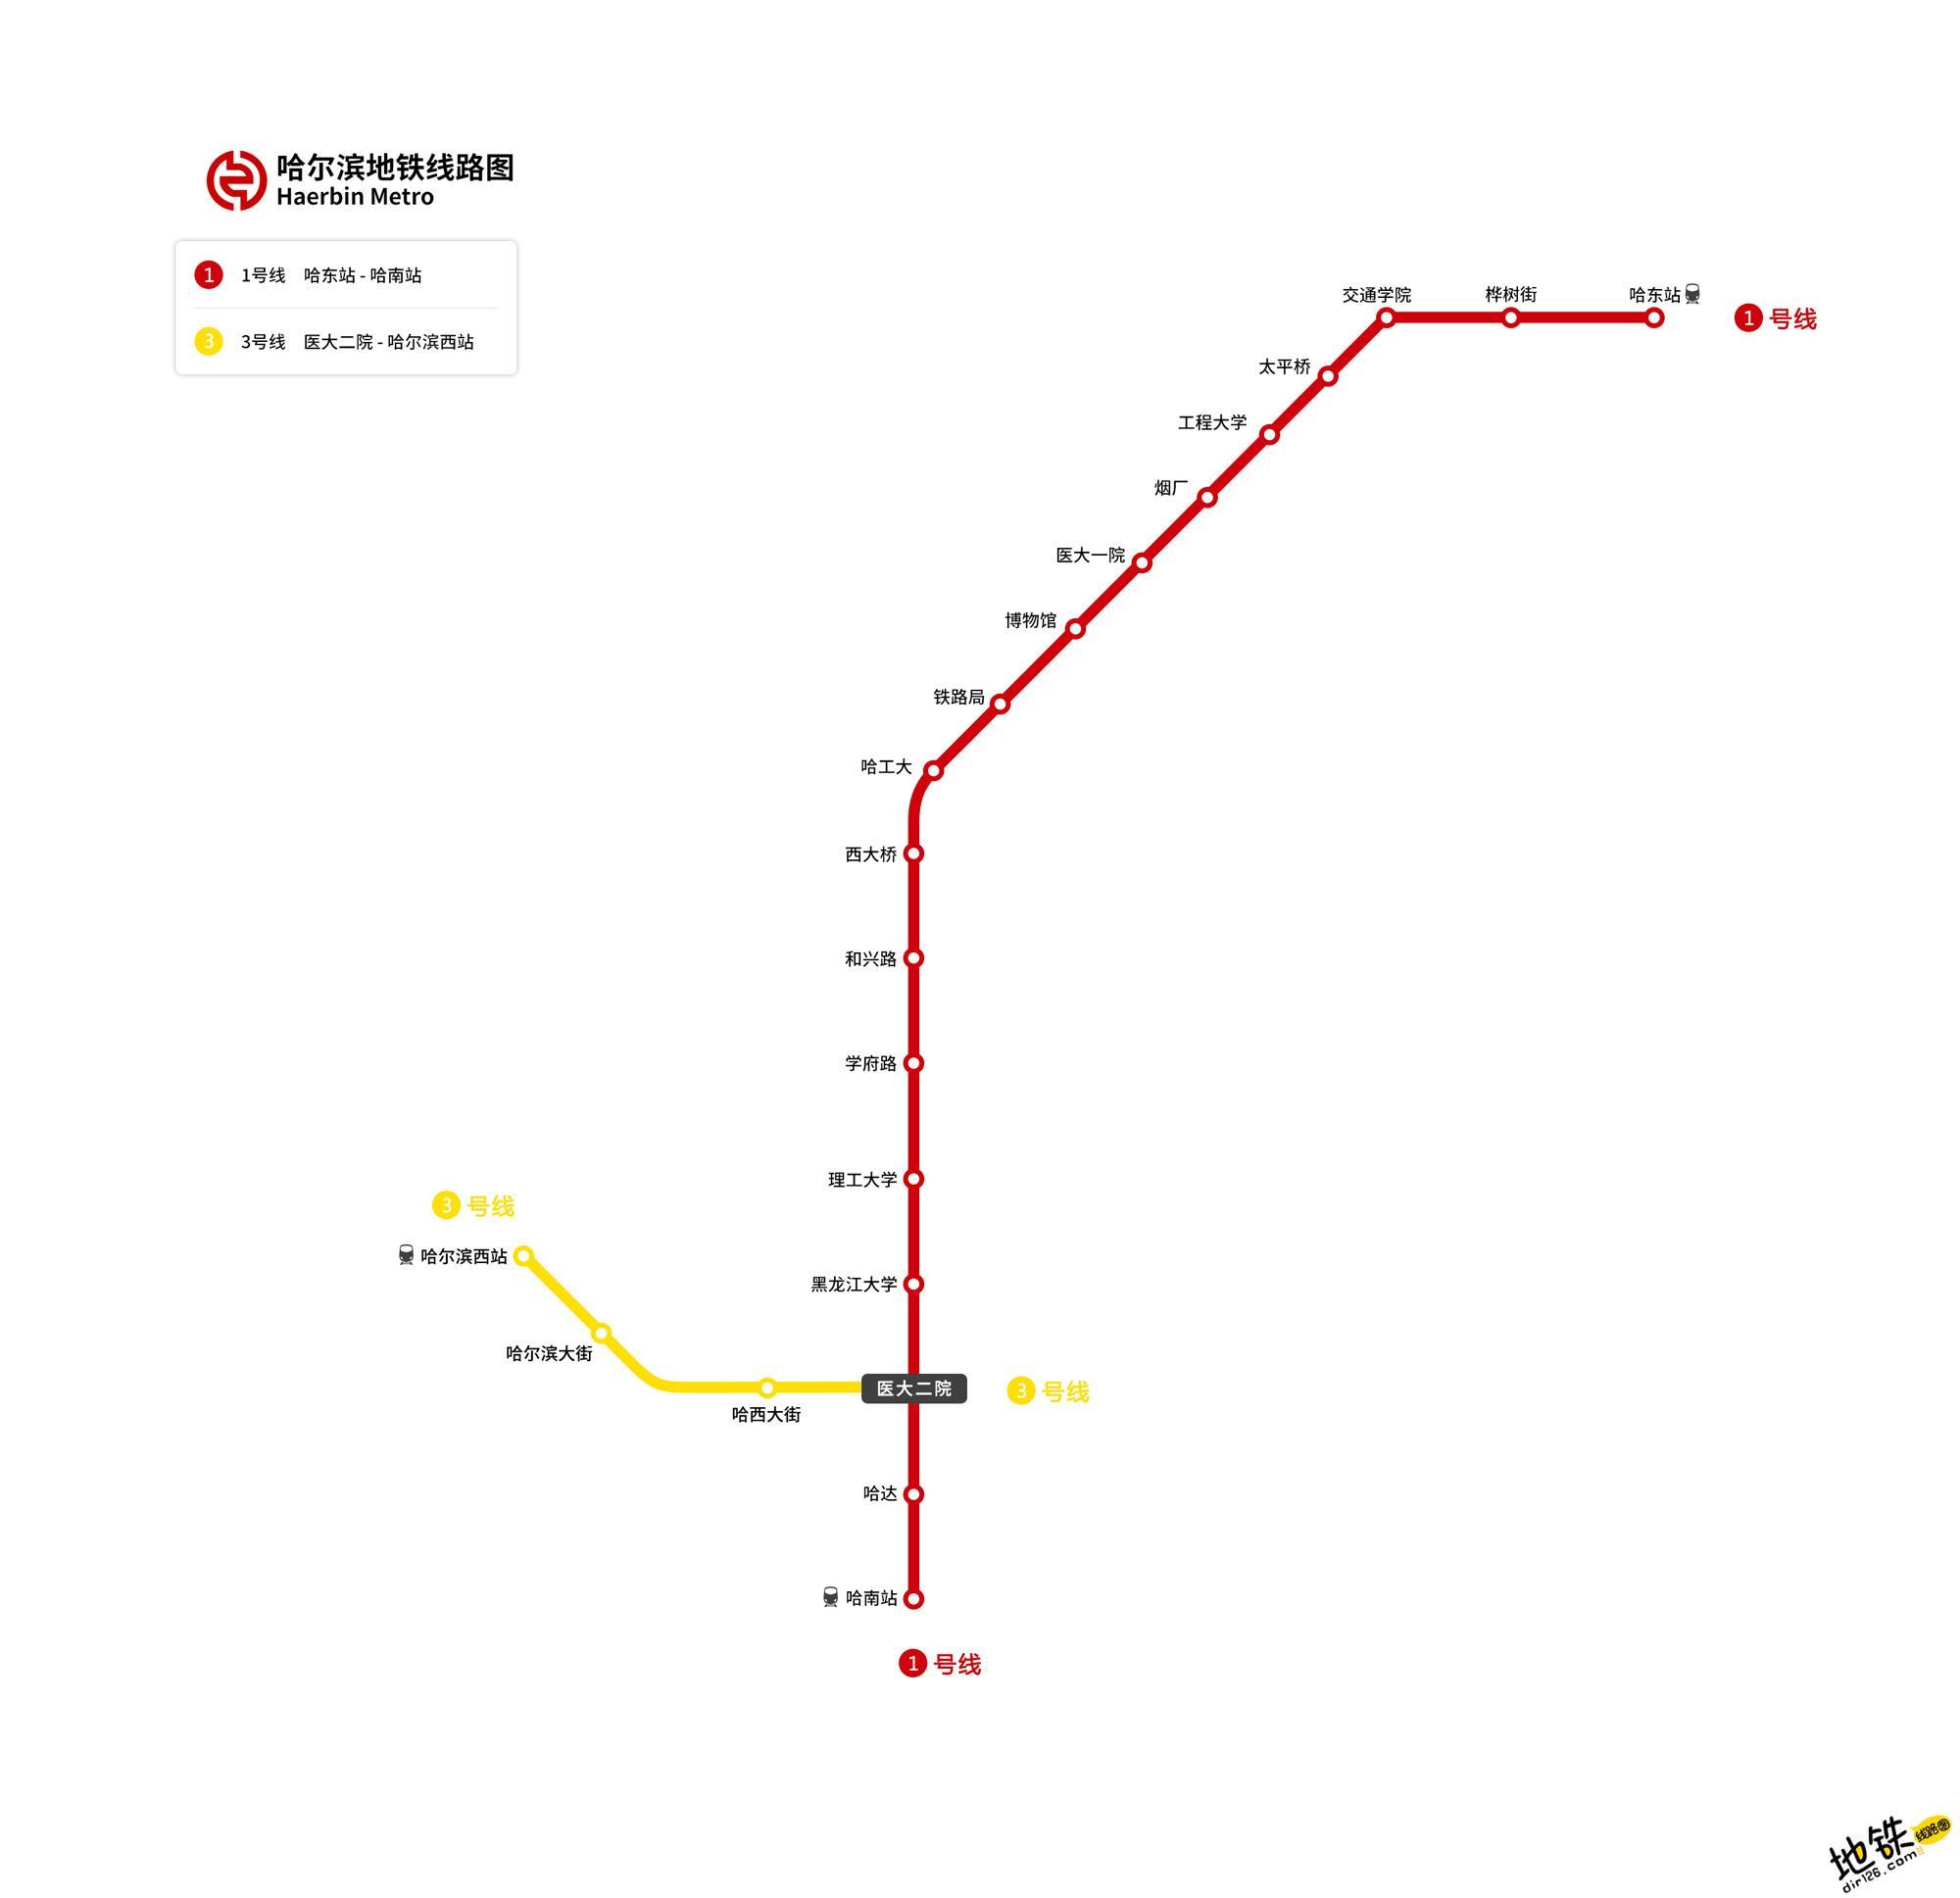 哈尔滨地铁线路图 运营时间票价站点 查询下载 哈尔滨地铁查询 哈尔滨地铁线路图 哈尔滨地铁票价 哈尔滨地铁运营时间 哈尔滨地铁 哈尔滨地铁线路图  第2张